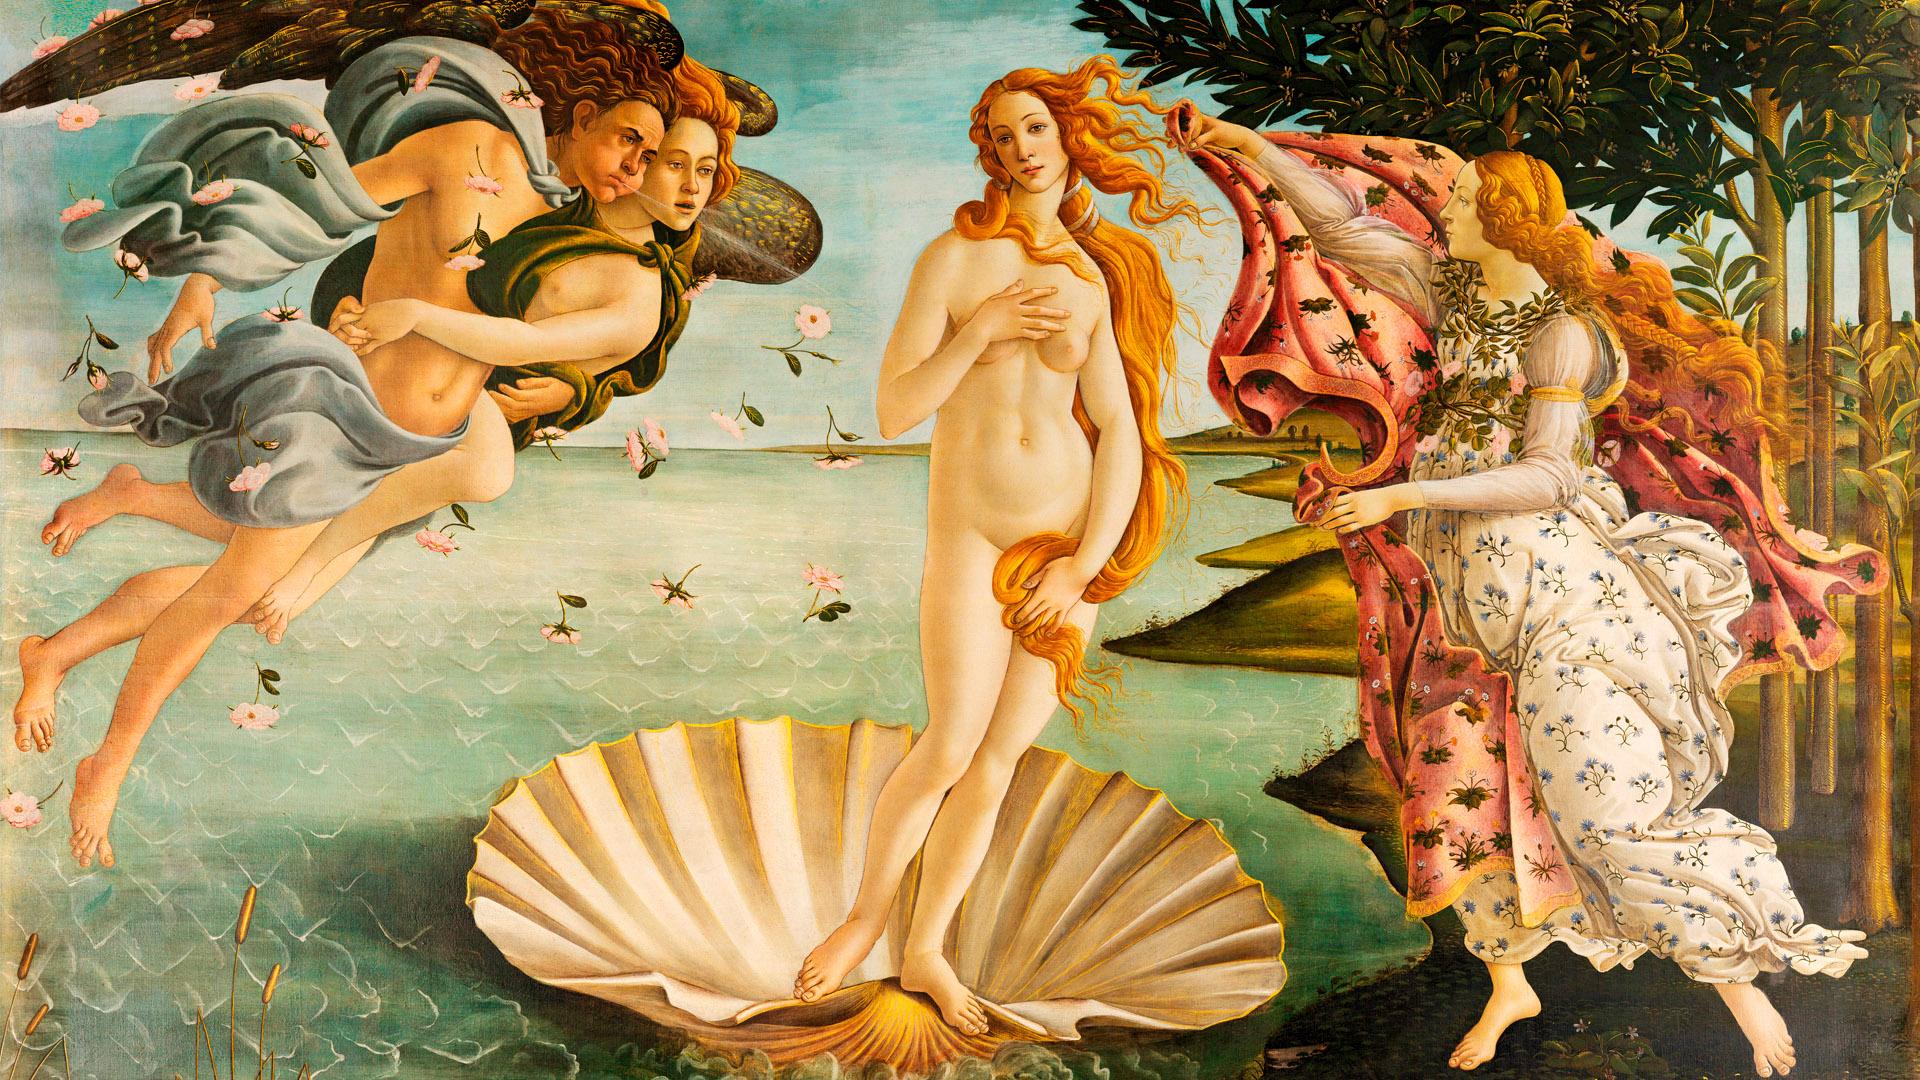 ビーナスの誕生 Sandro Botticelli - La nascita di Venere 1920x1080